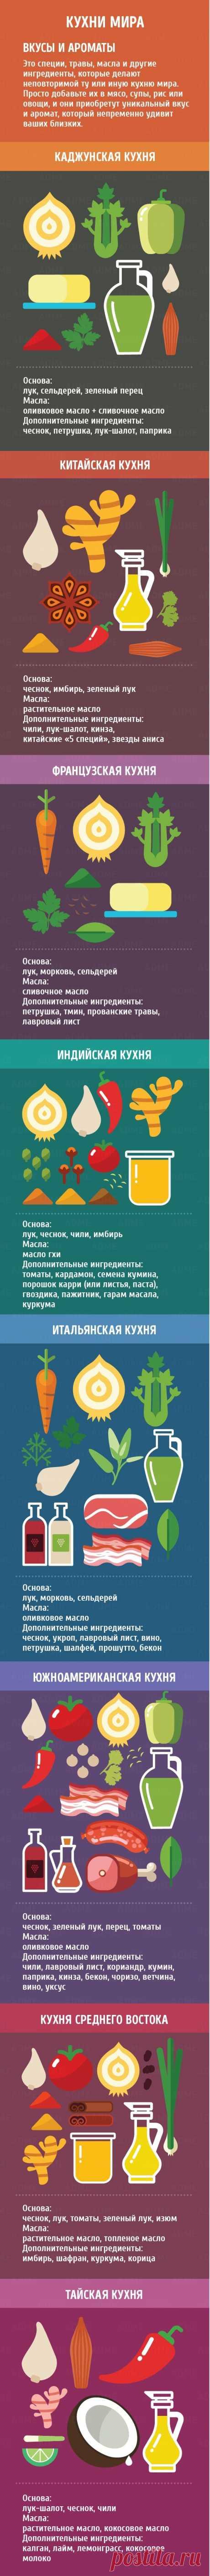 Кухни мира. Вкусы и ароматы.